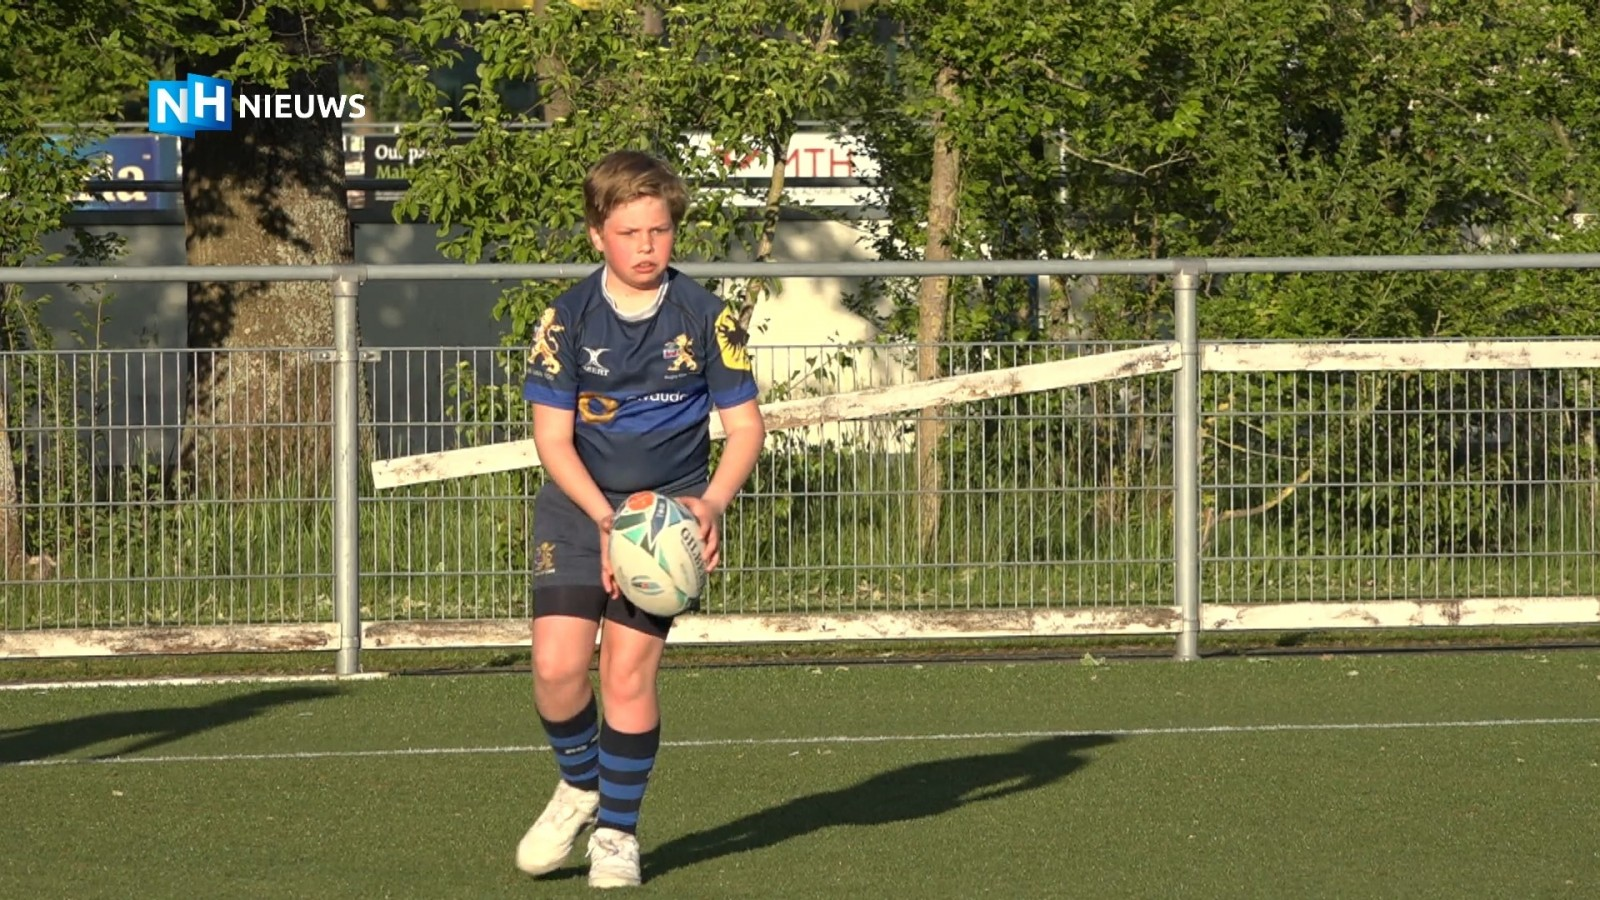 Is rugby mogelijk in coronatijd?